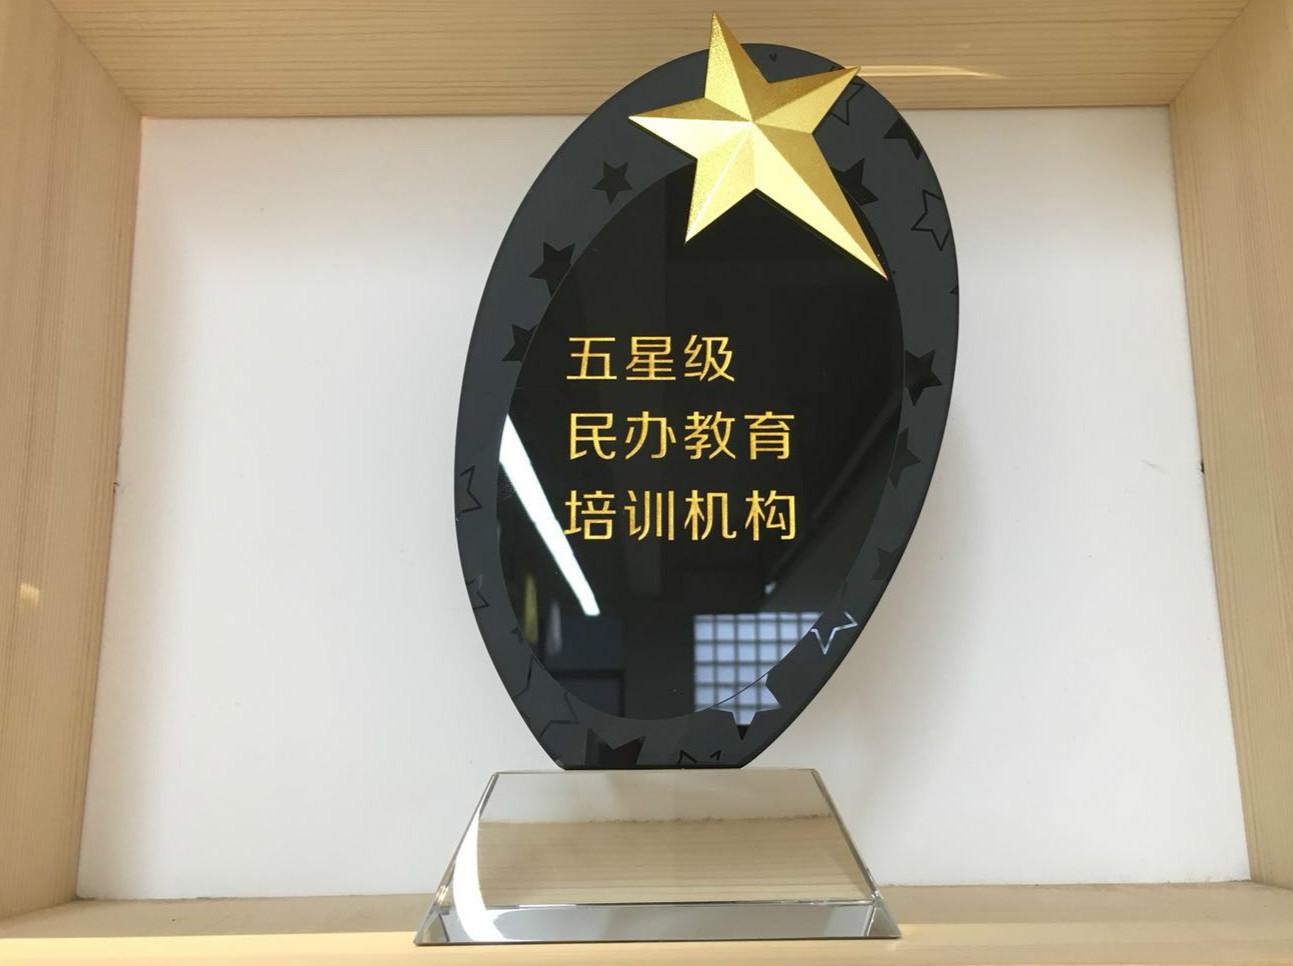 温州交互ui设计培训课程排名